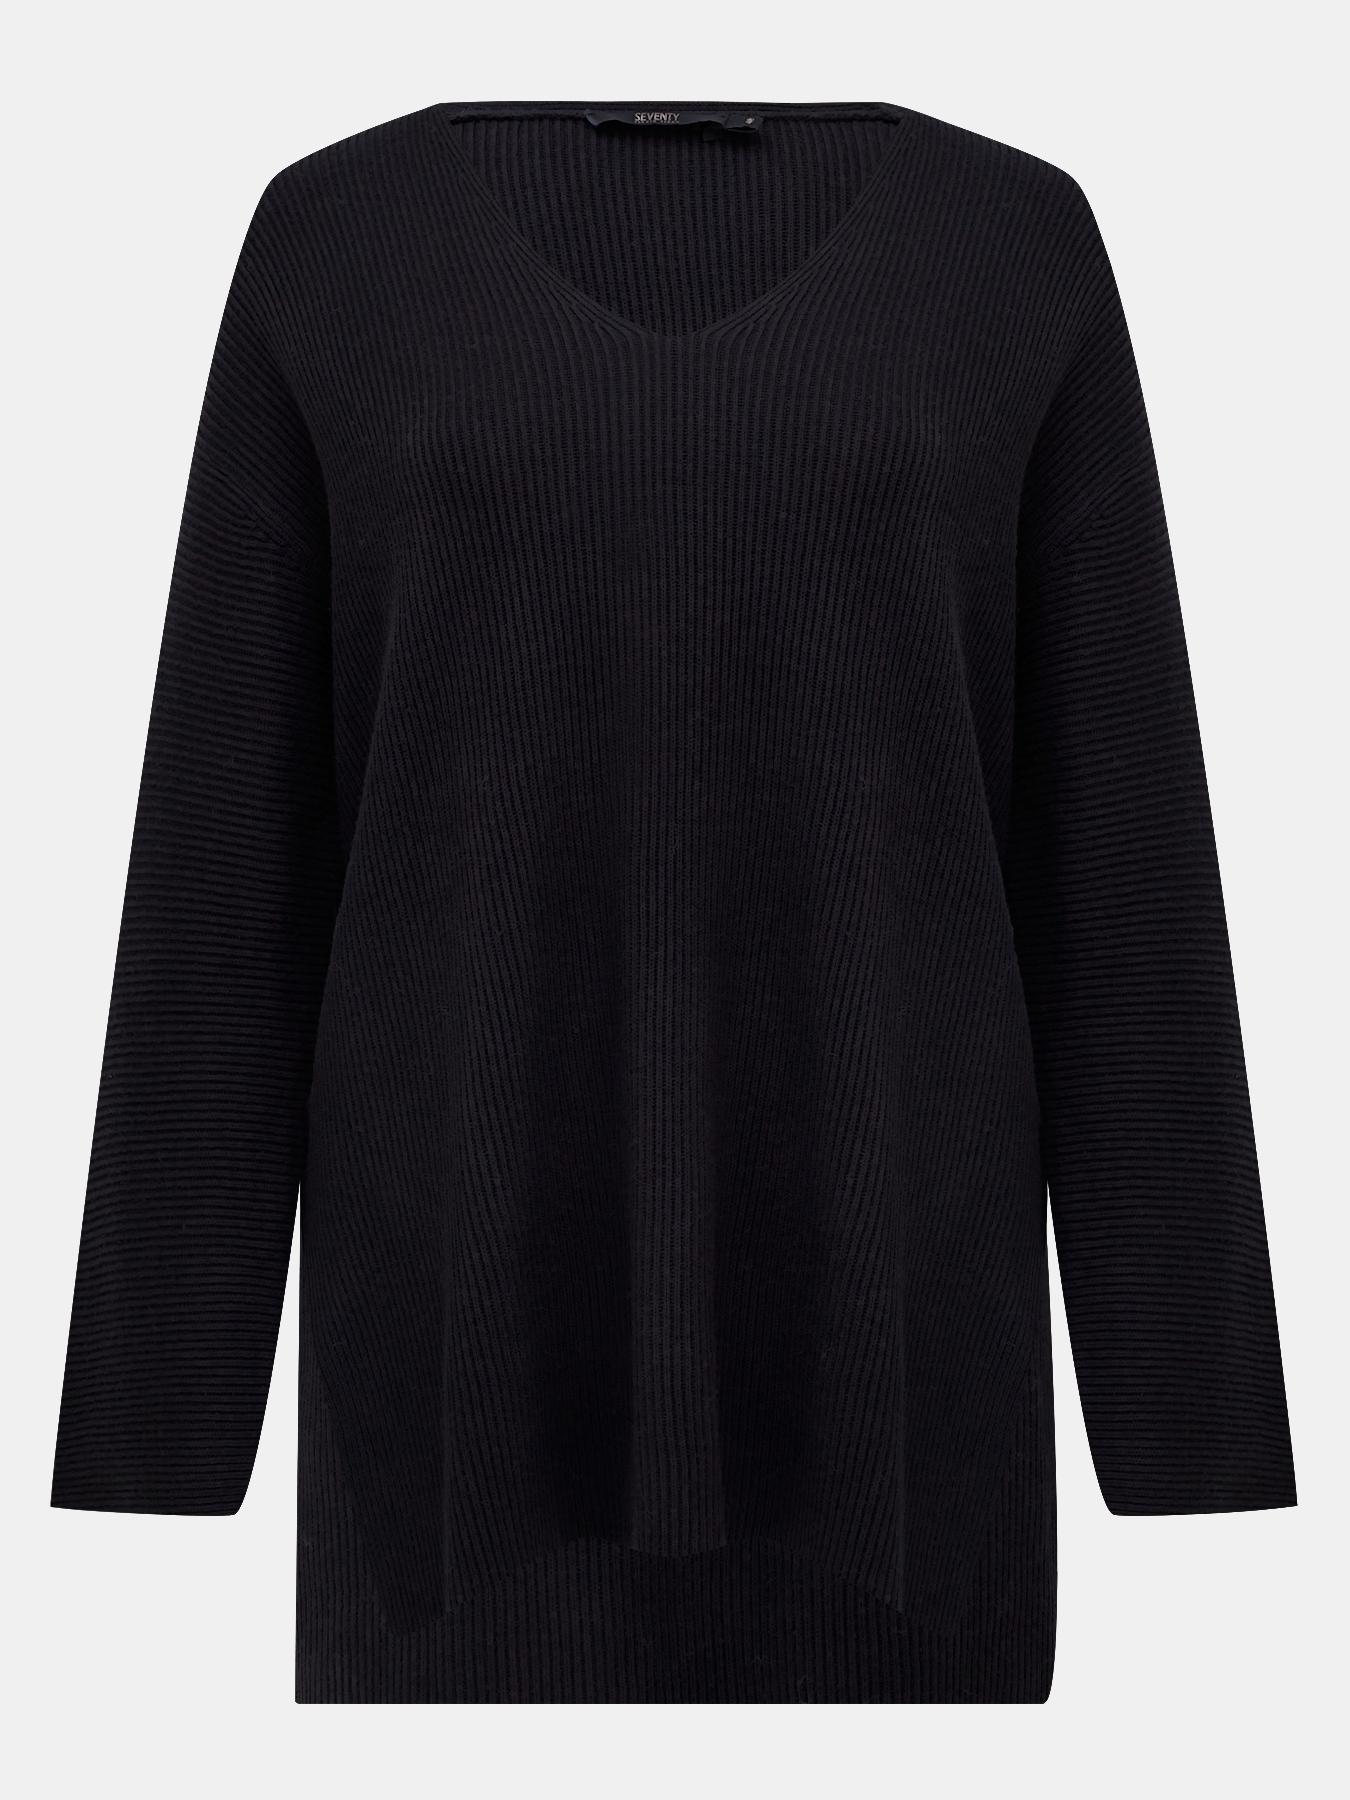 Пуловеры Seventy Пуловер фото